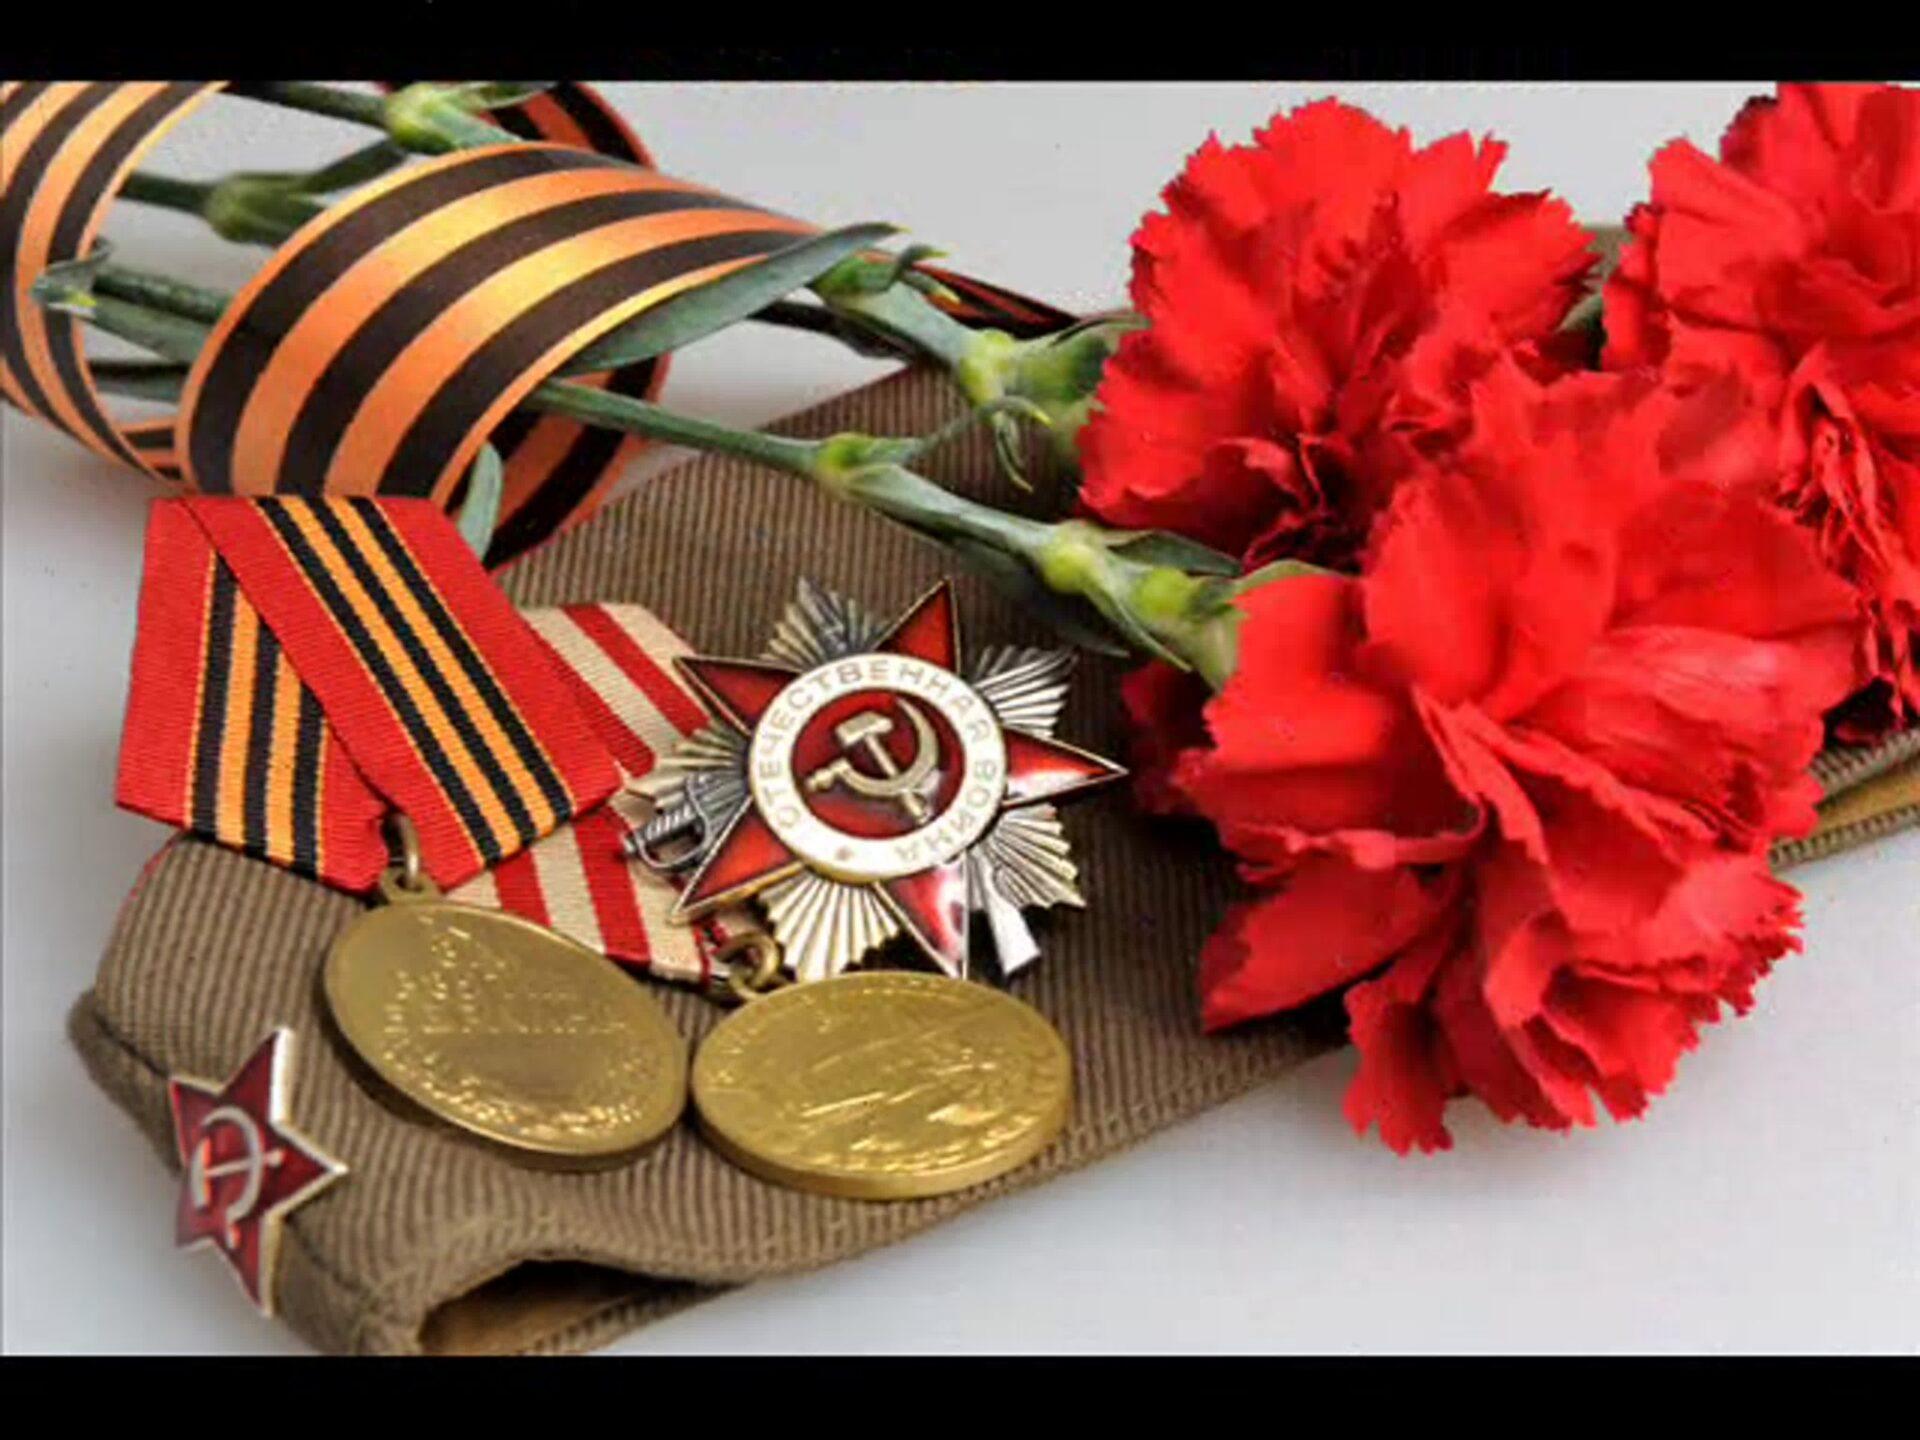 К 80-летию начала Великой Отечественной войны: оккупационный режим и Холокост на территории СССР